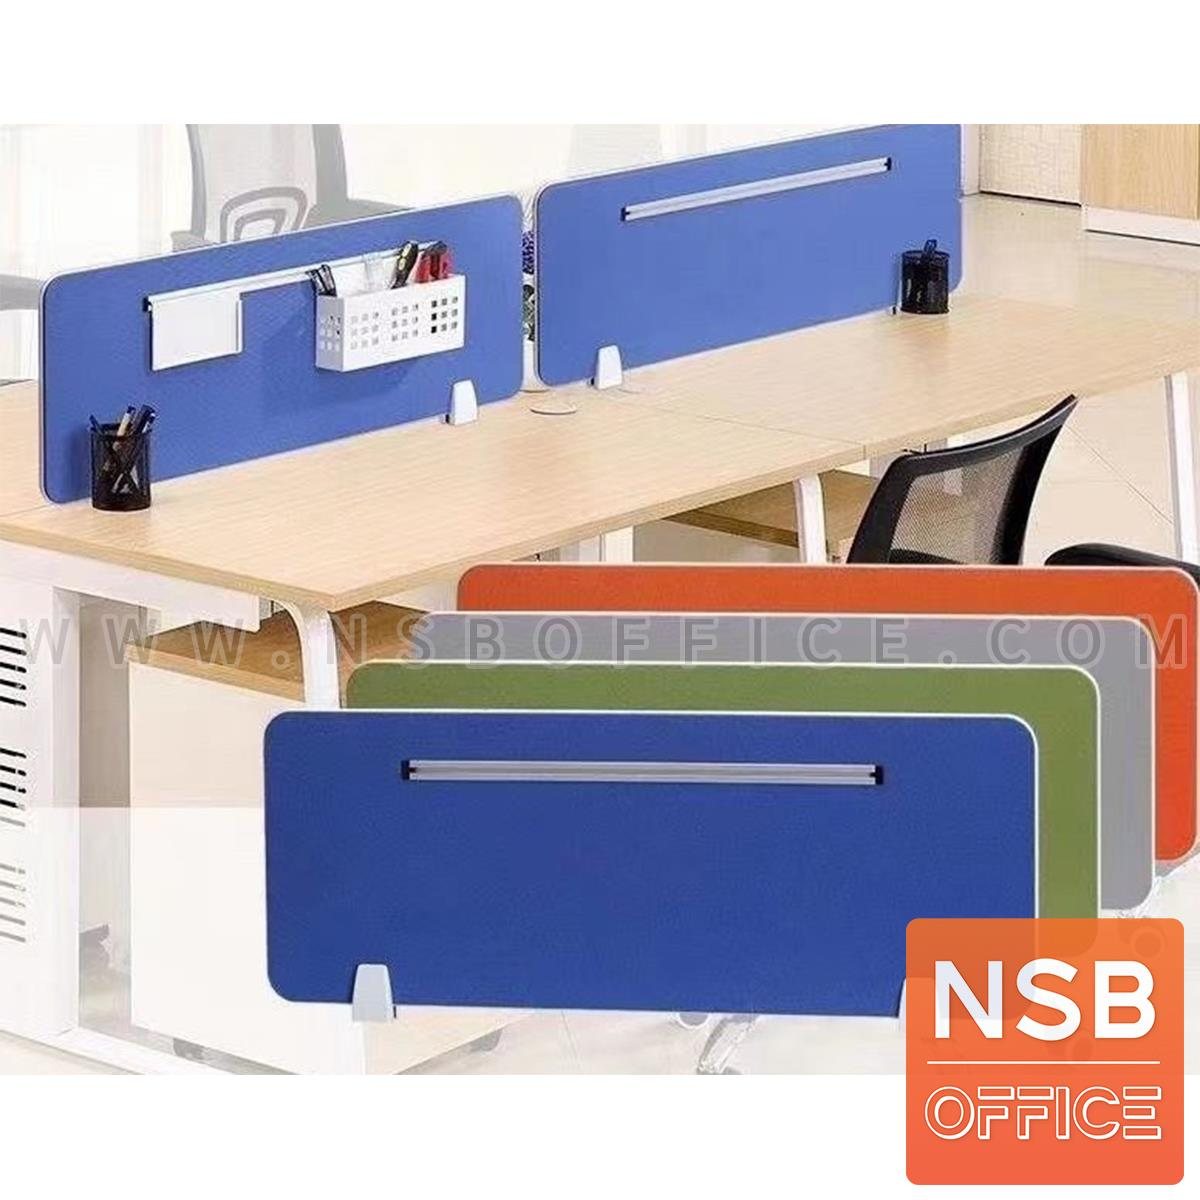 P04A052:มินิสกรีนหุ้มผ้าแบบเจาะท็อปโต๊ะ รุ่น Berner  สูง 30H cm. พร้อมตัวจับ